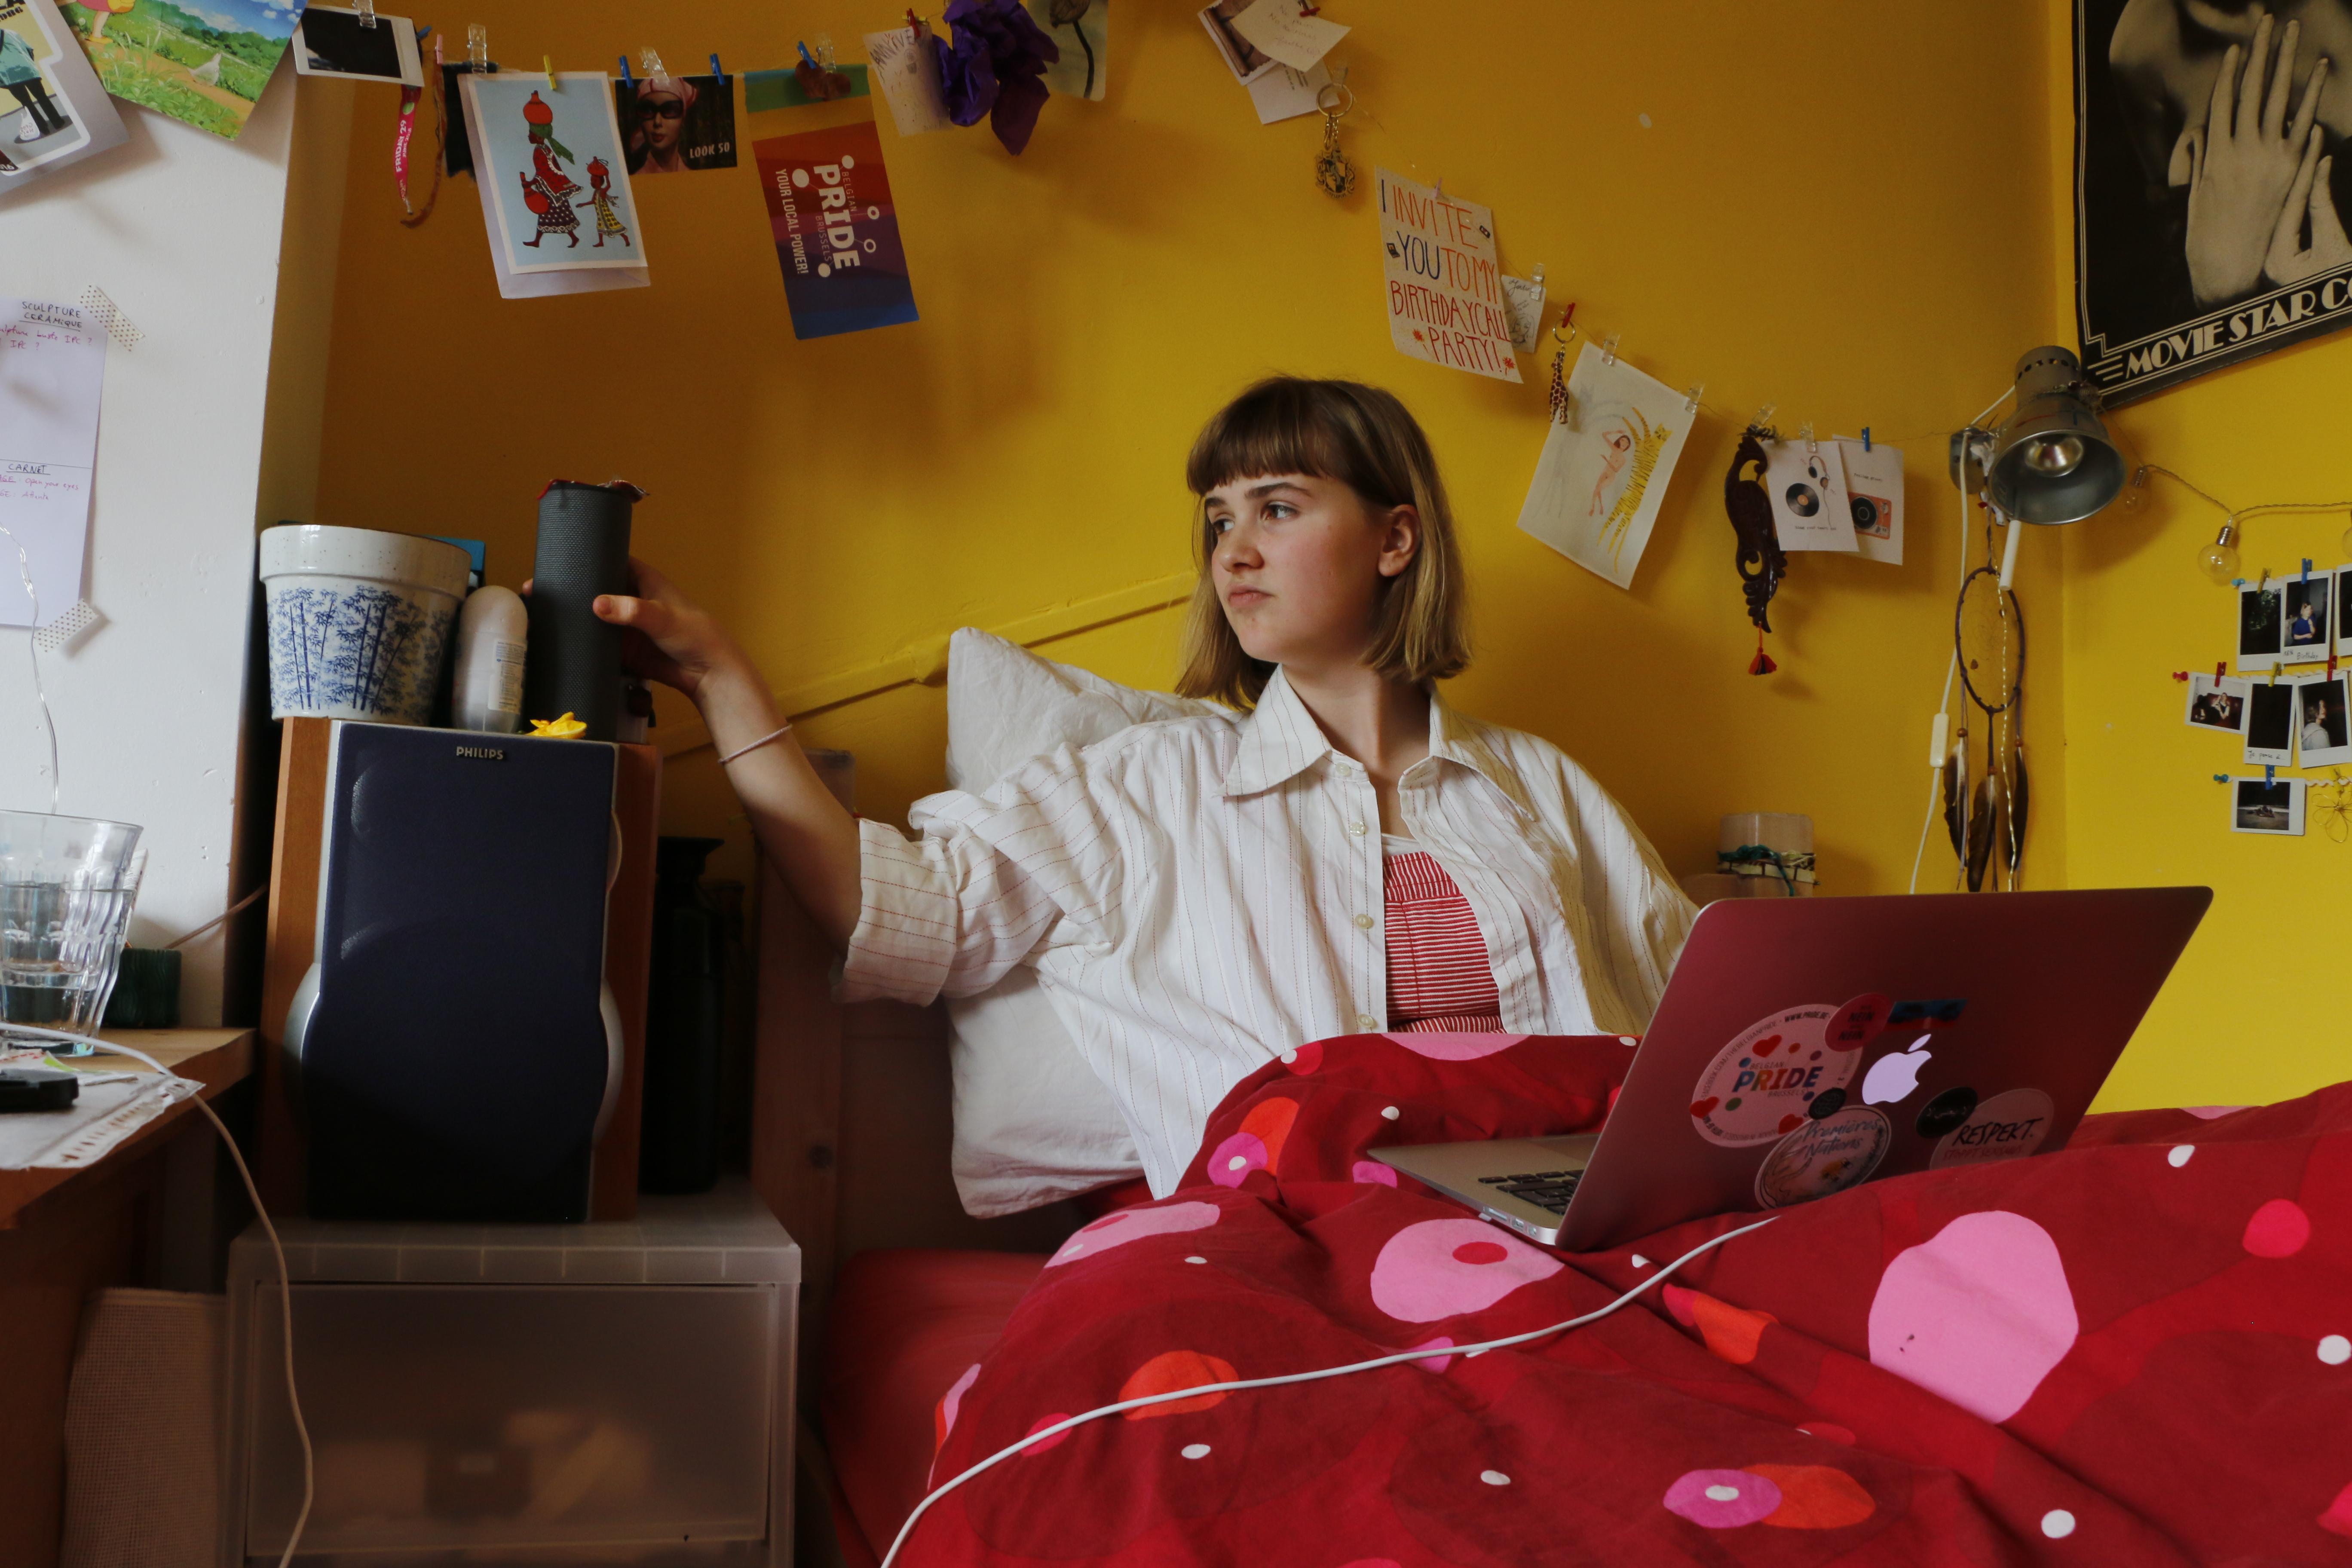 Une jeune fille regarde un concert assise dans son lit.